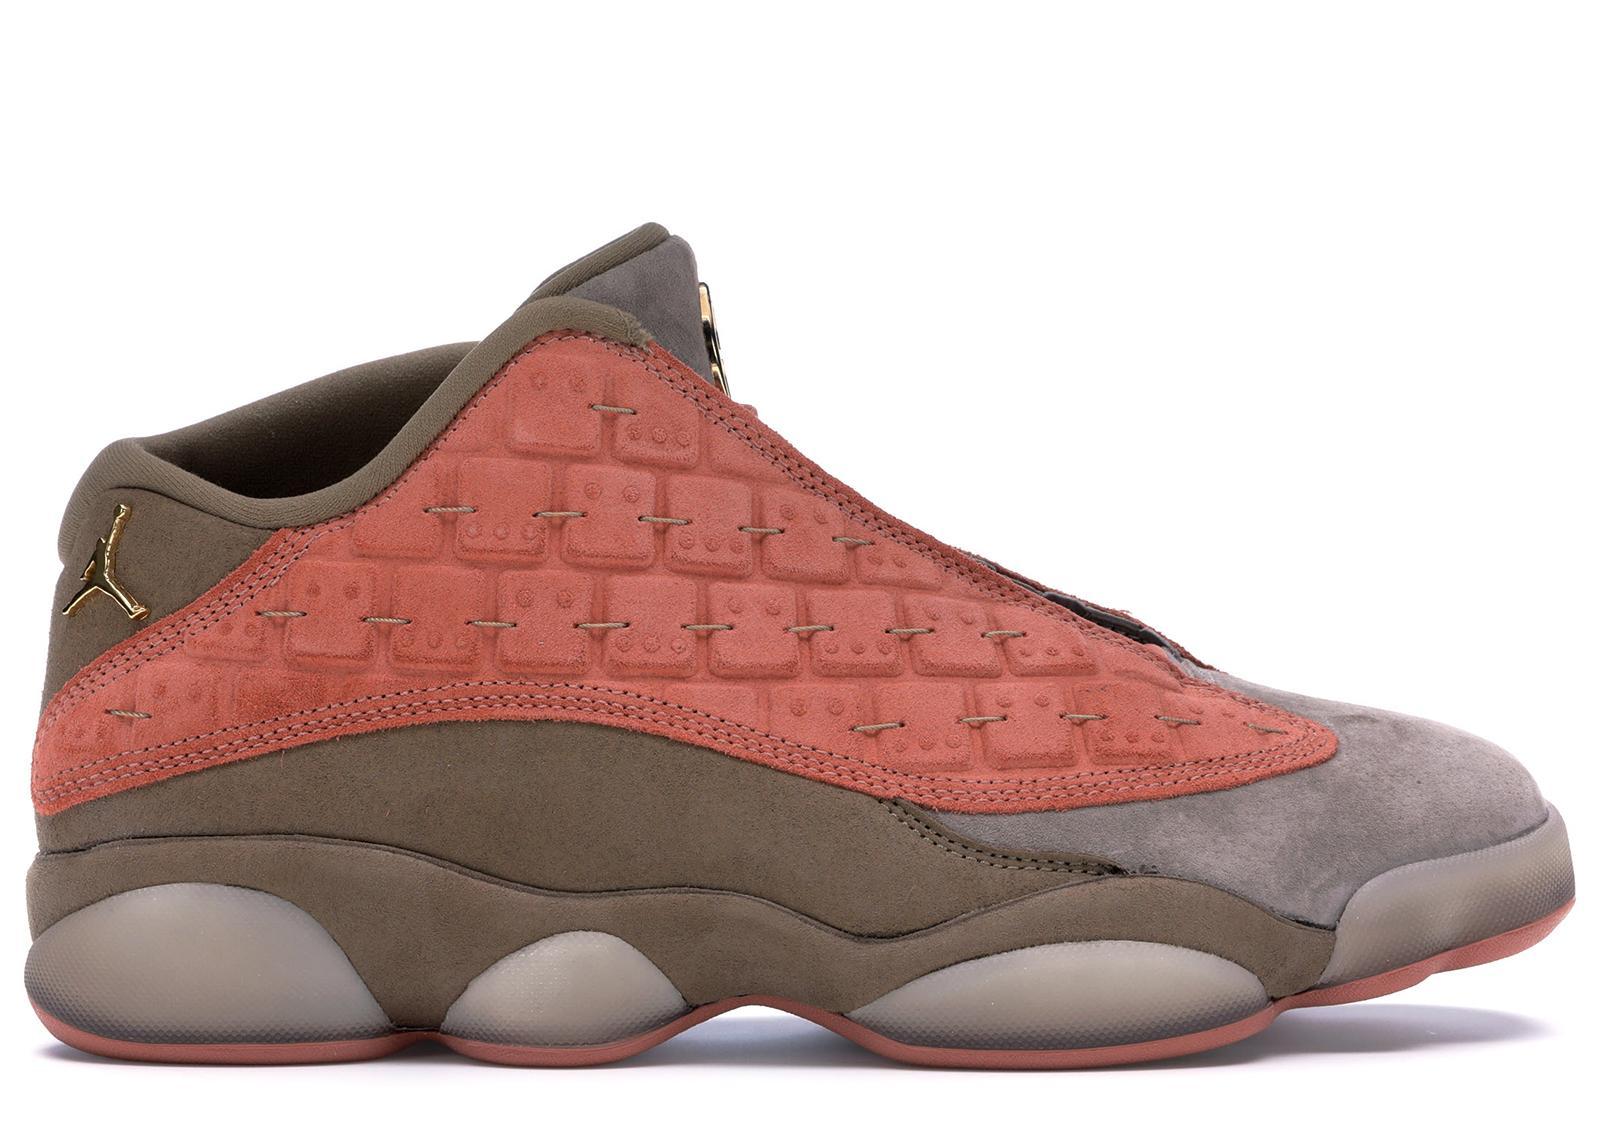 a167099de15 Lyst - Nike 13 Retro Low Clot Sepia Stone for Men